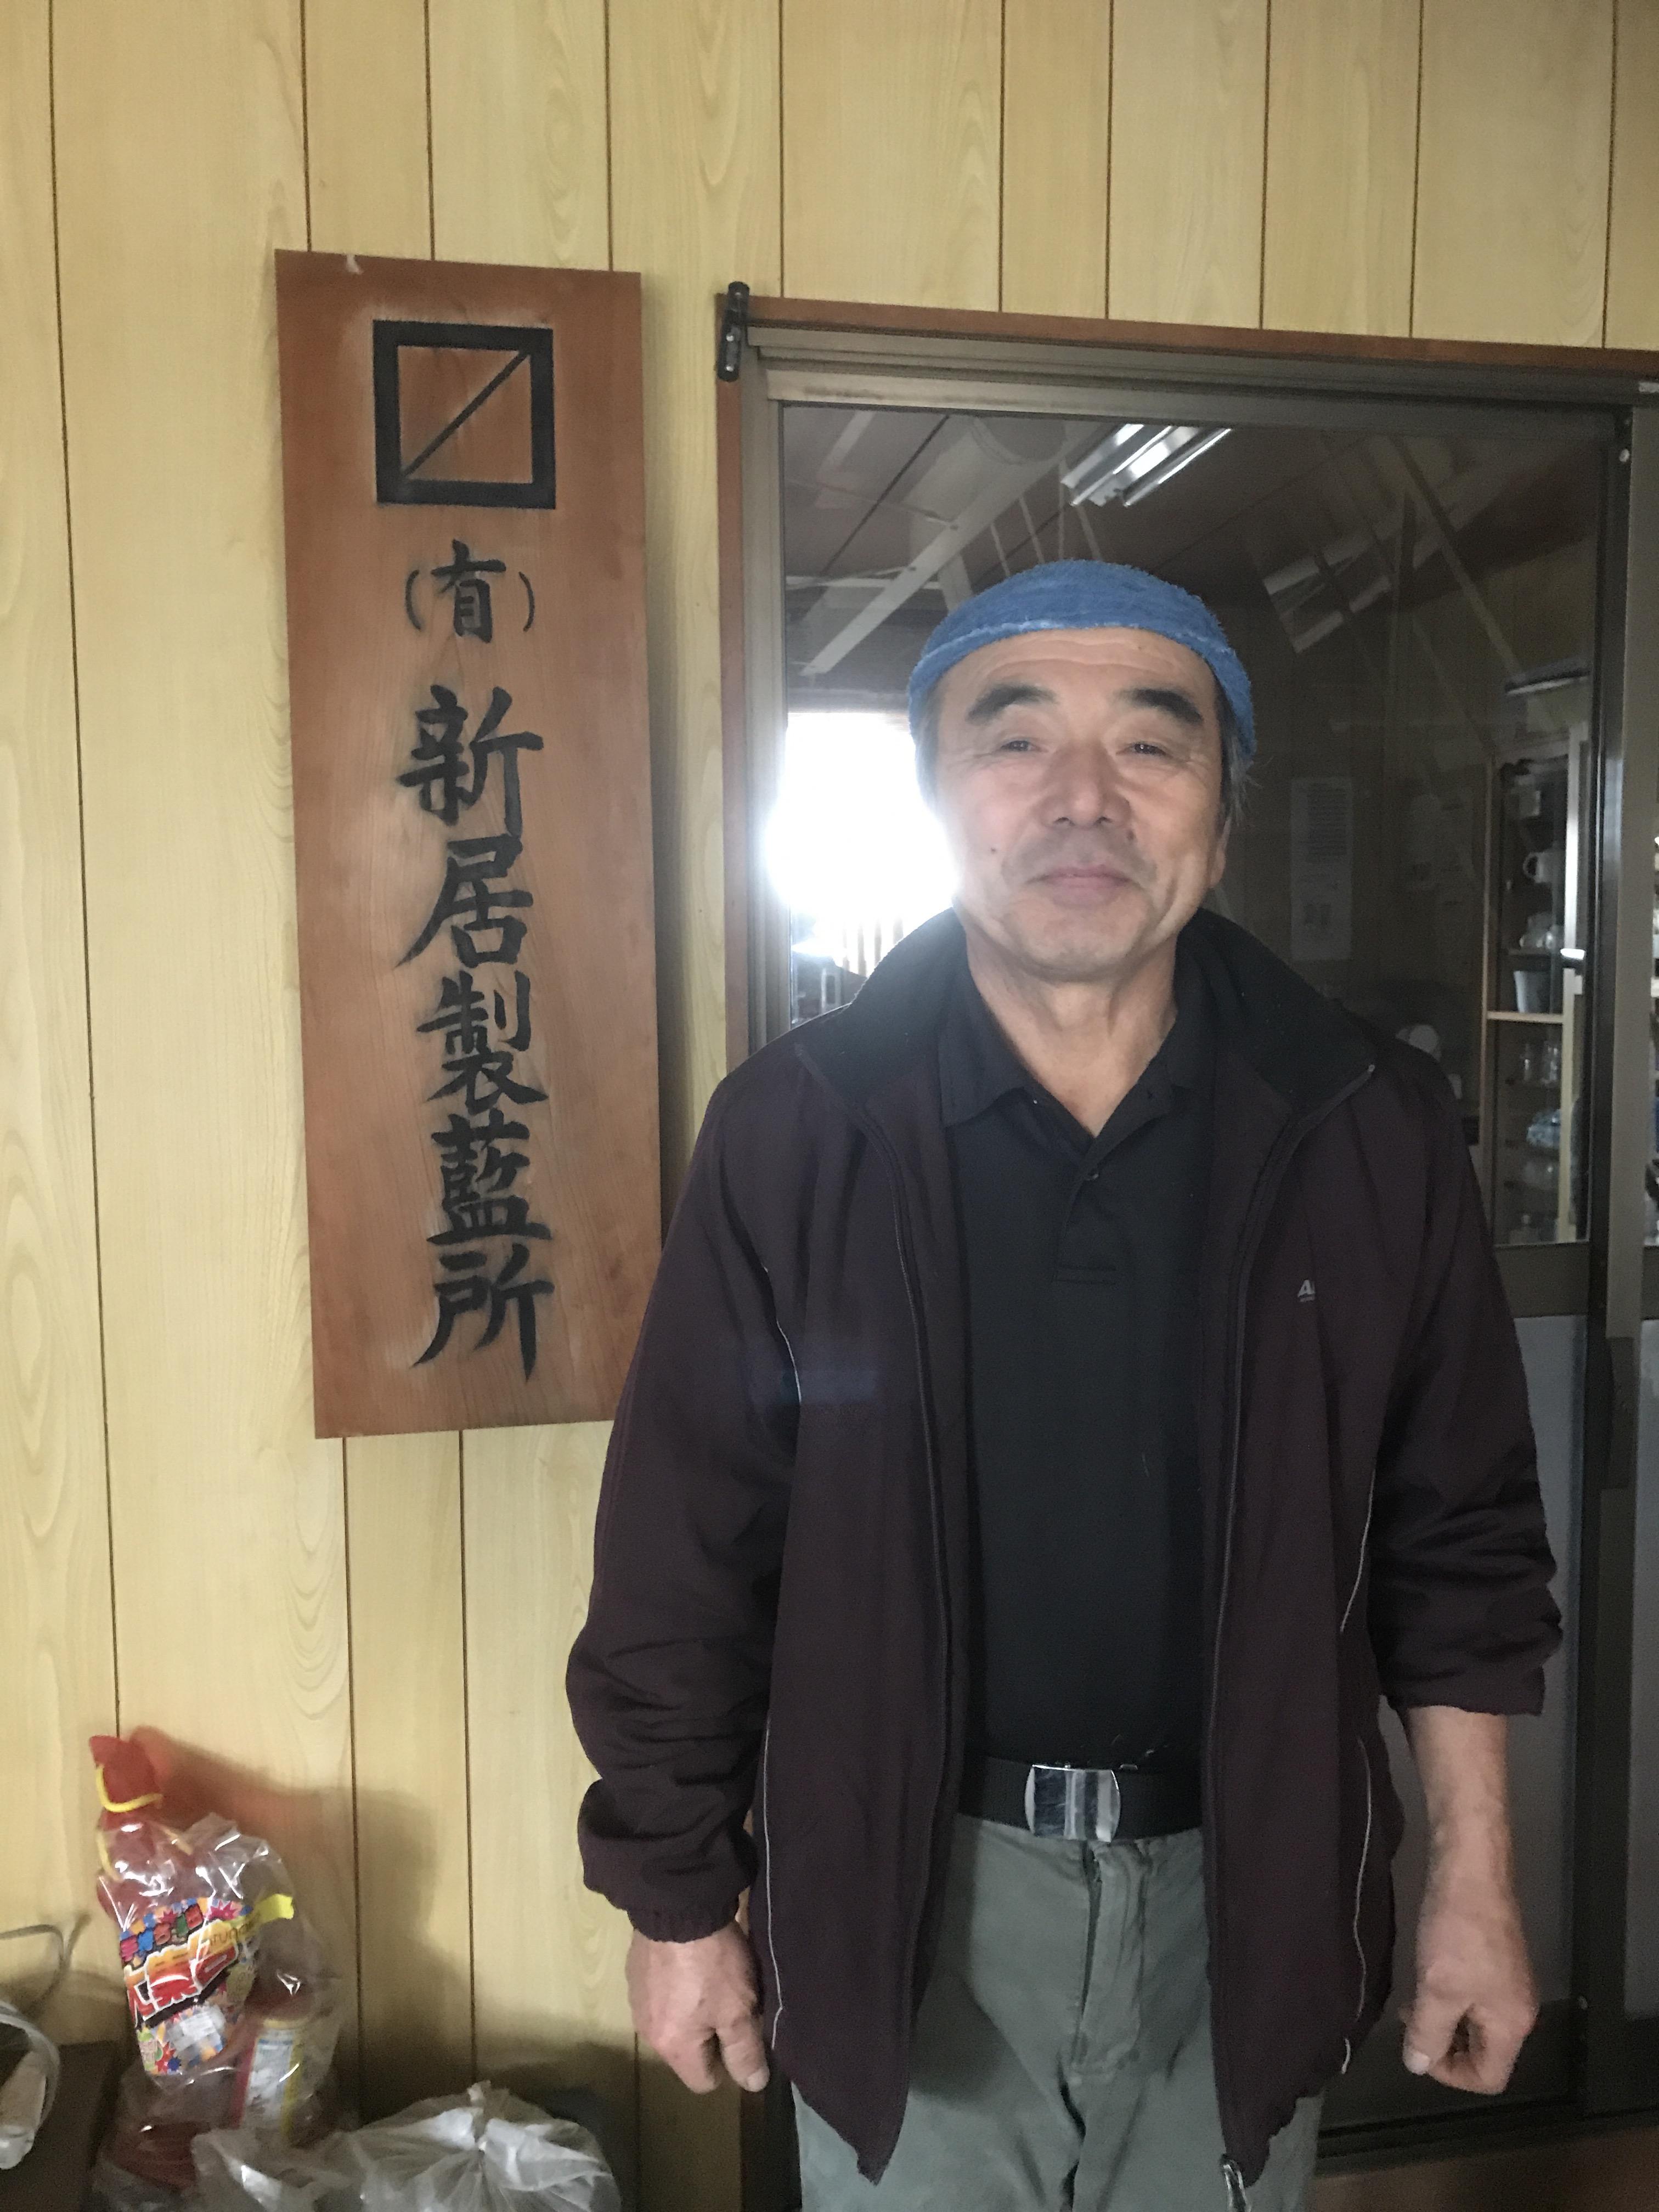 現代の名工 新居製藍所      新居修氏 徳島県上板町